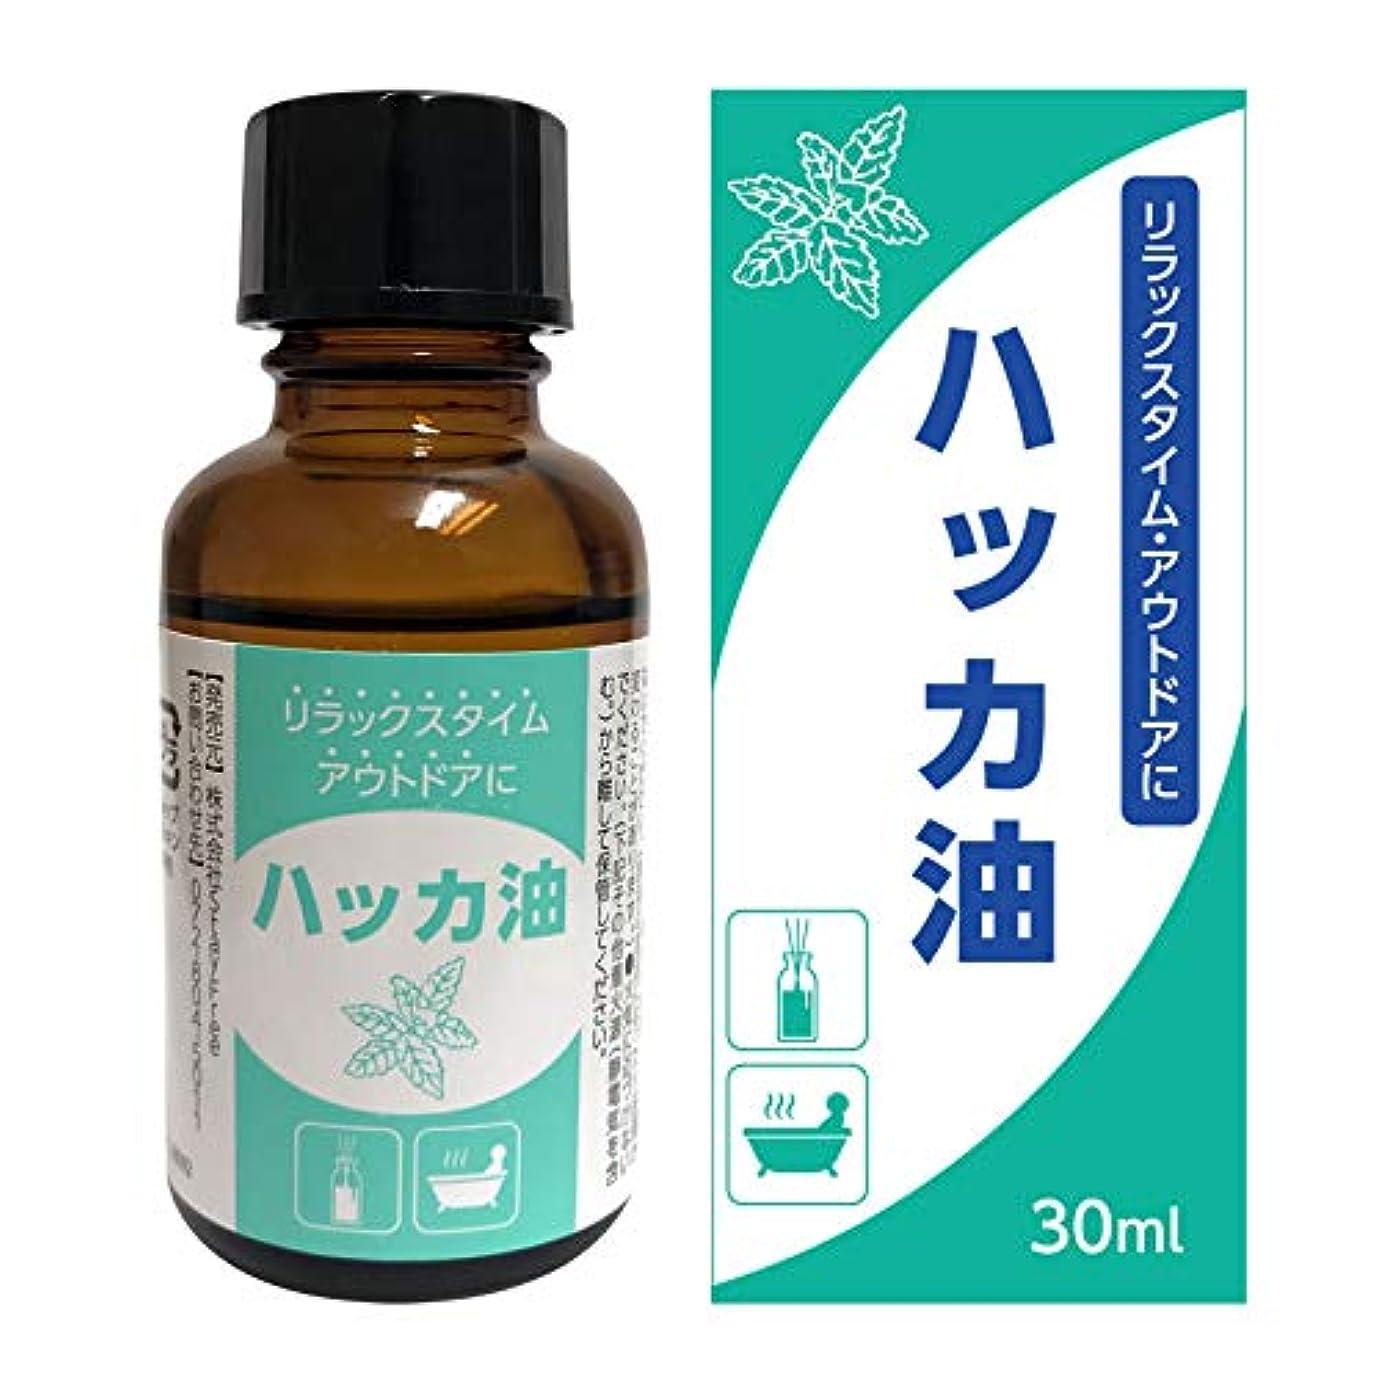 脈拍定刻ためにハッカ油 30ml 天然 ハッカオイル 原液 アロマ アウトドア お風呂 (30ml(単体))